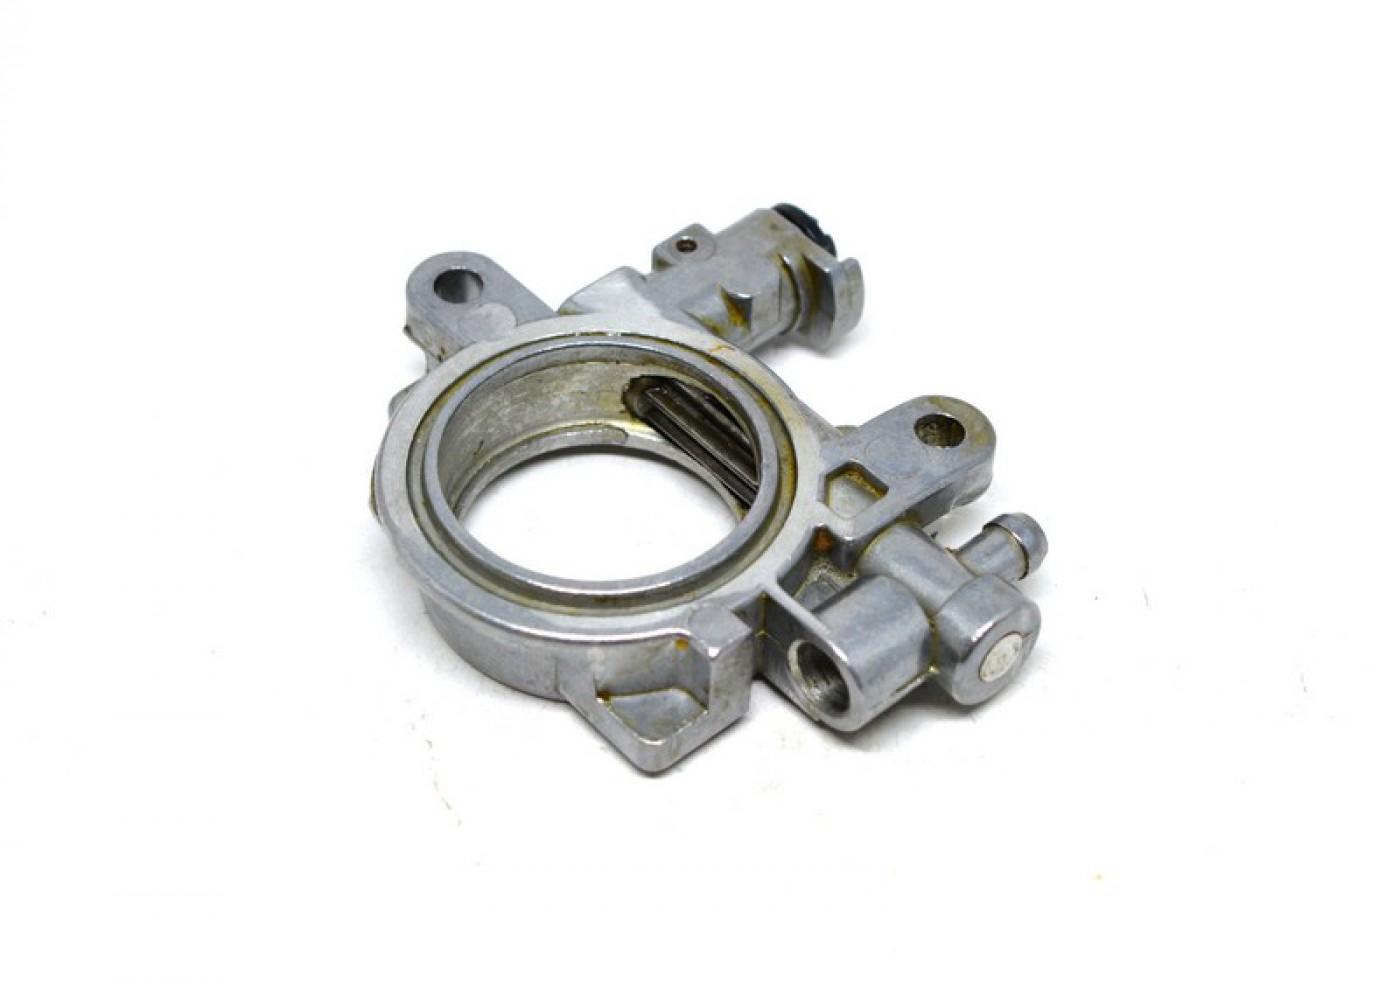 Olejové čerpadlo Stihl MS290 MS310 MS390 029 039